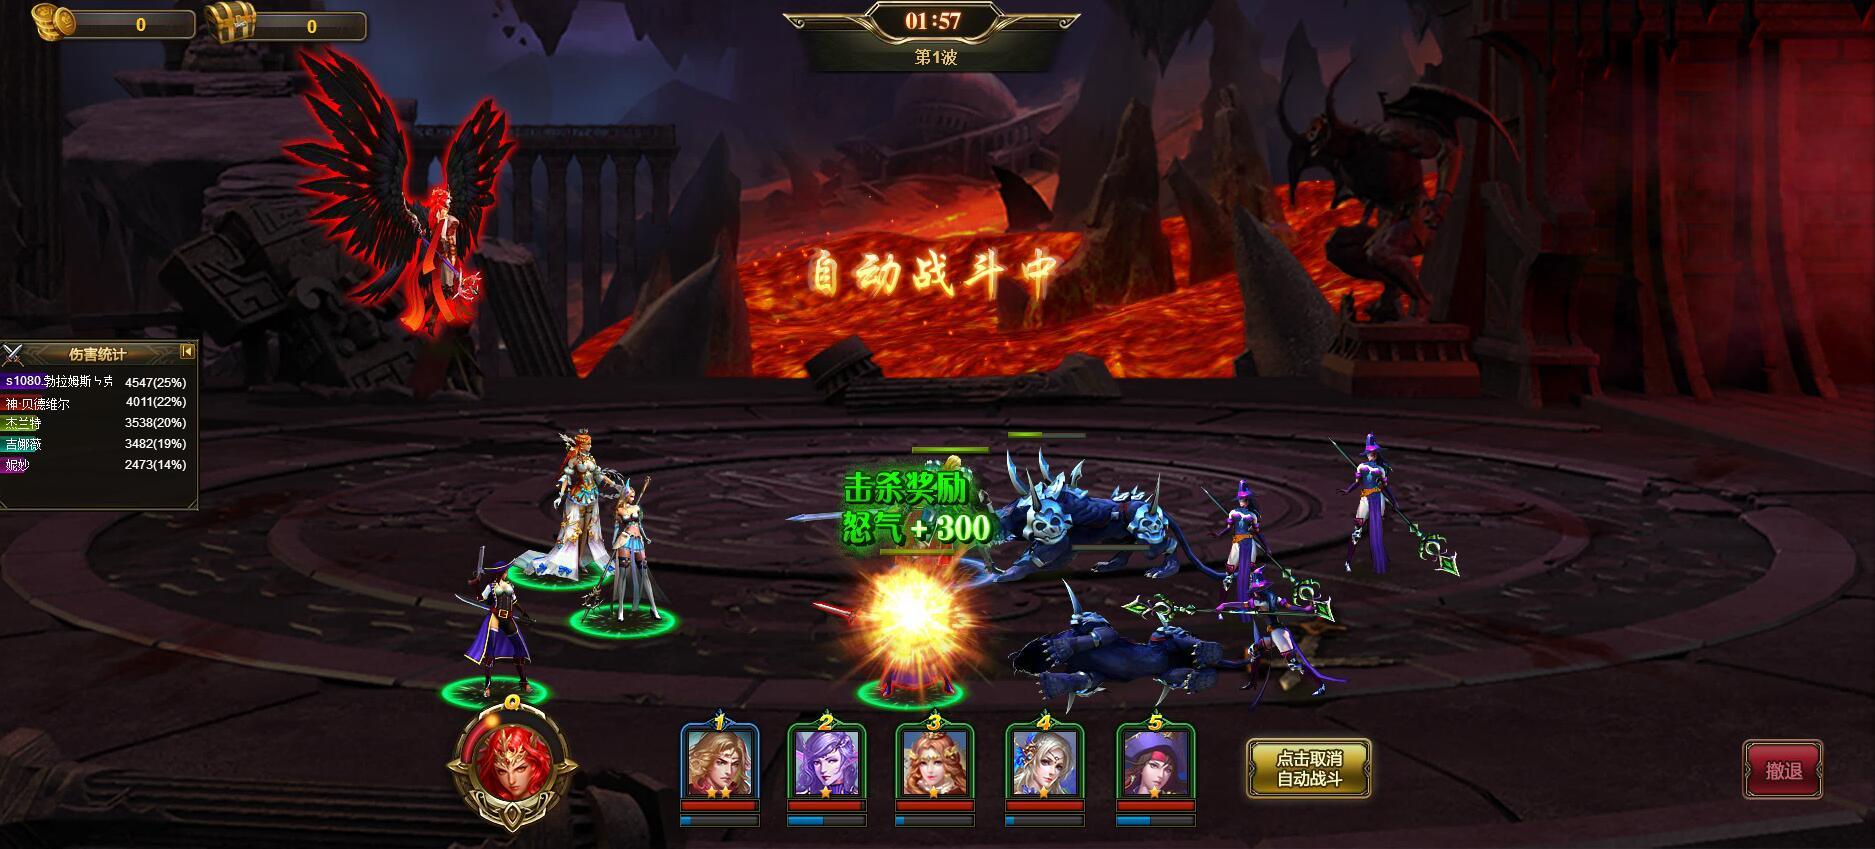 暗黑毁灭神游戏截图2